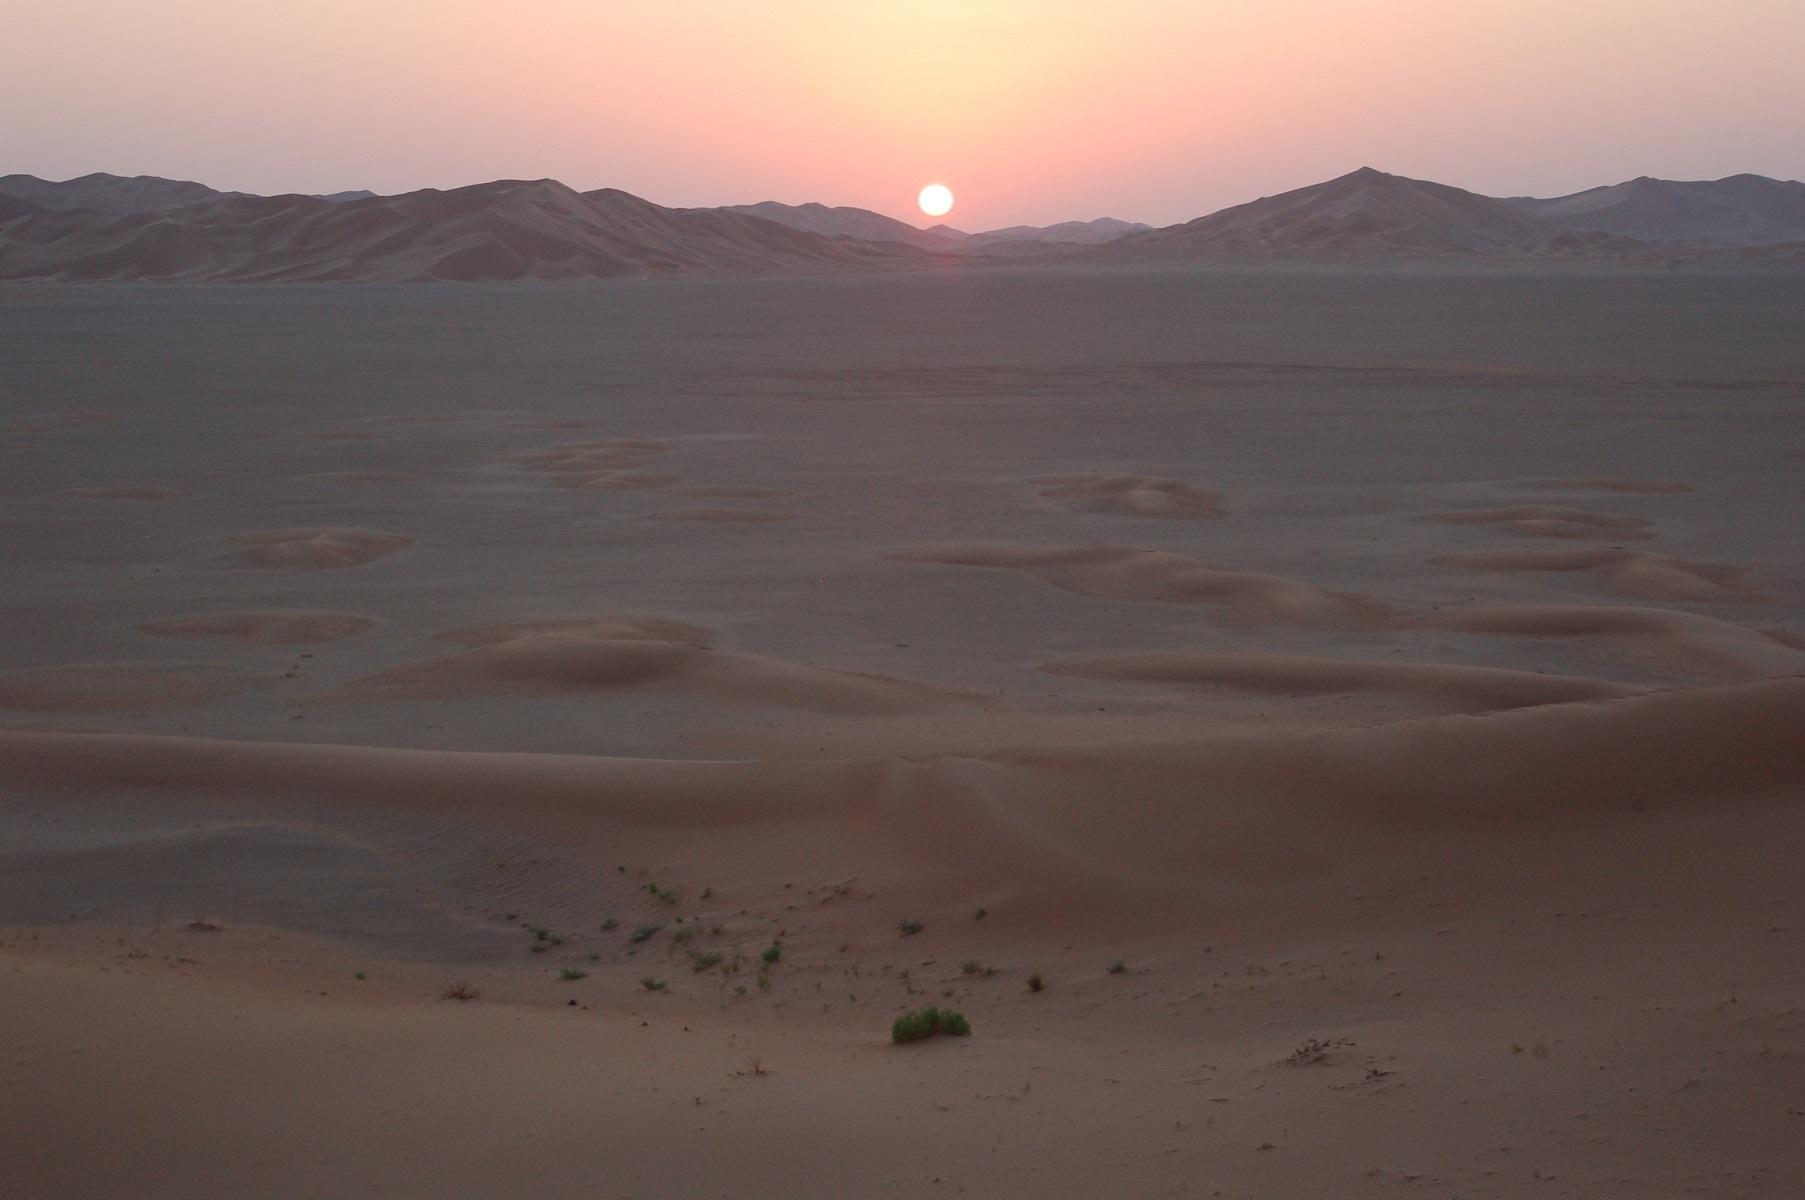 Oman - Sonnenuntergang, die Schönheit der Wüsten ist unbeschreiblich.